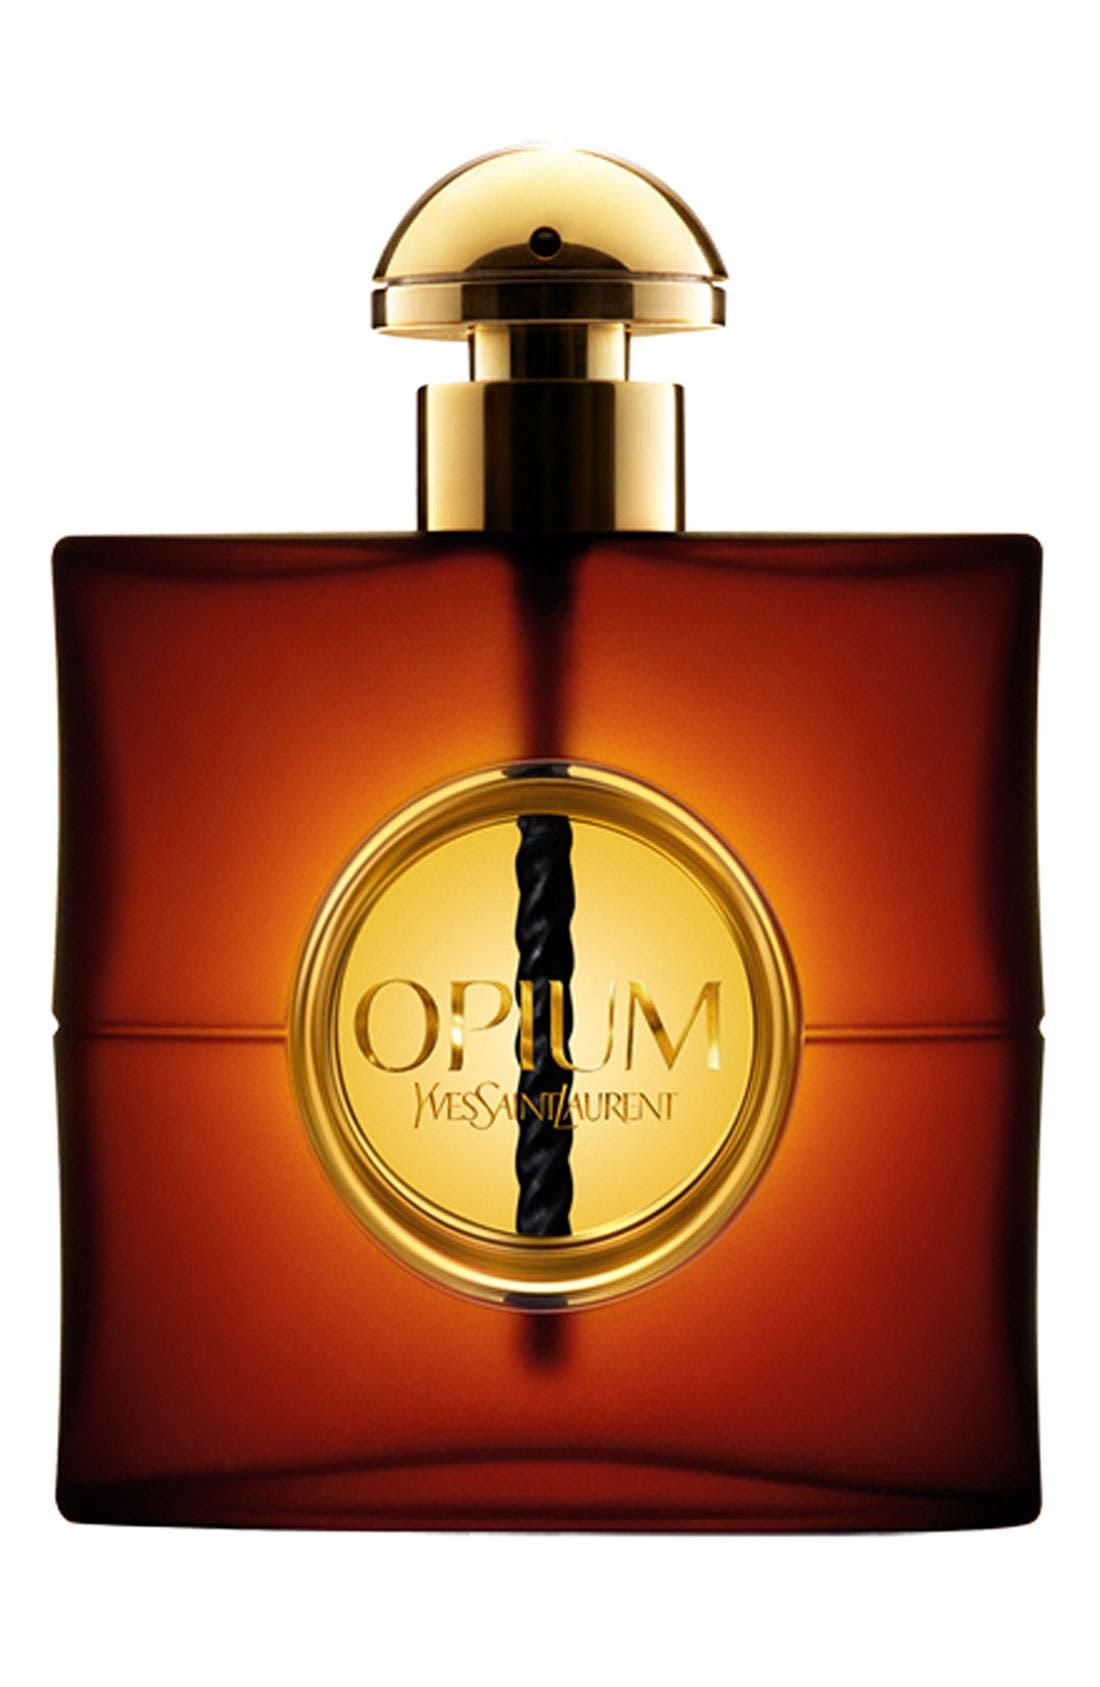 YVES SAINT LAURENT Opium Eau de Parfum Spray, Main, color, NO COLOR